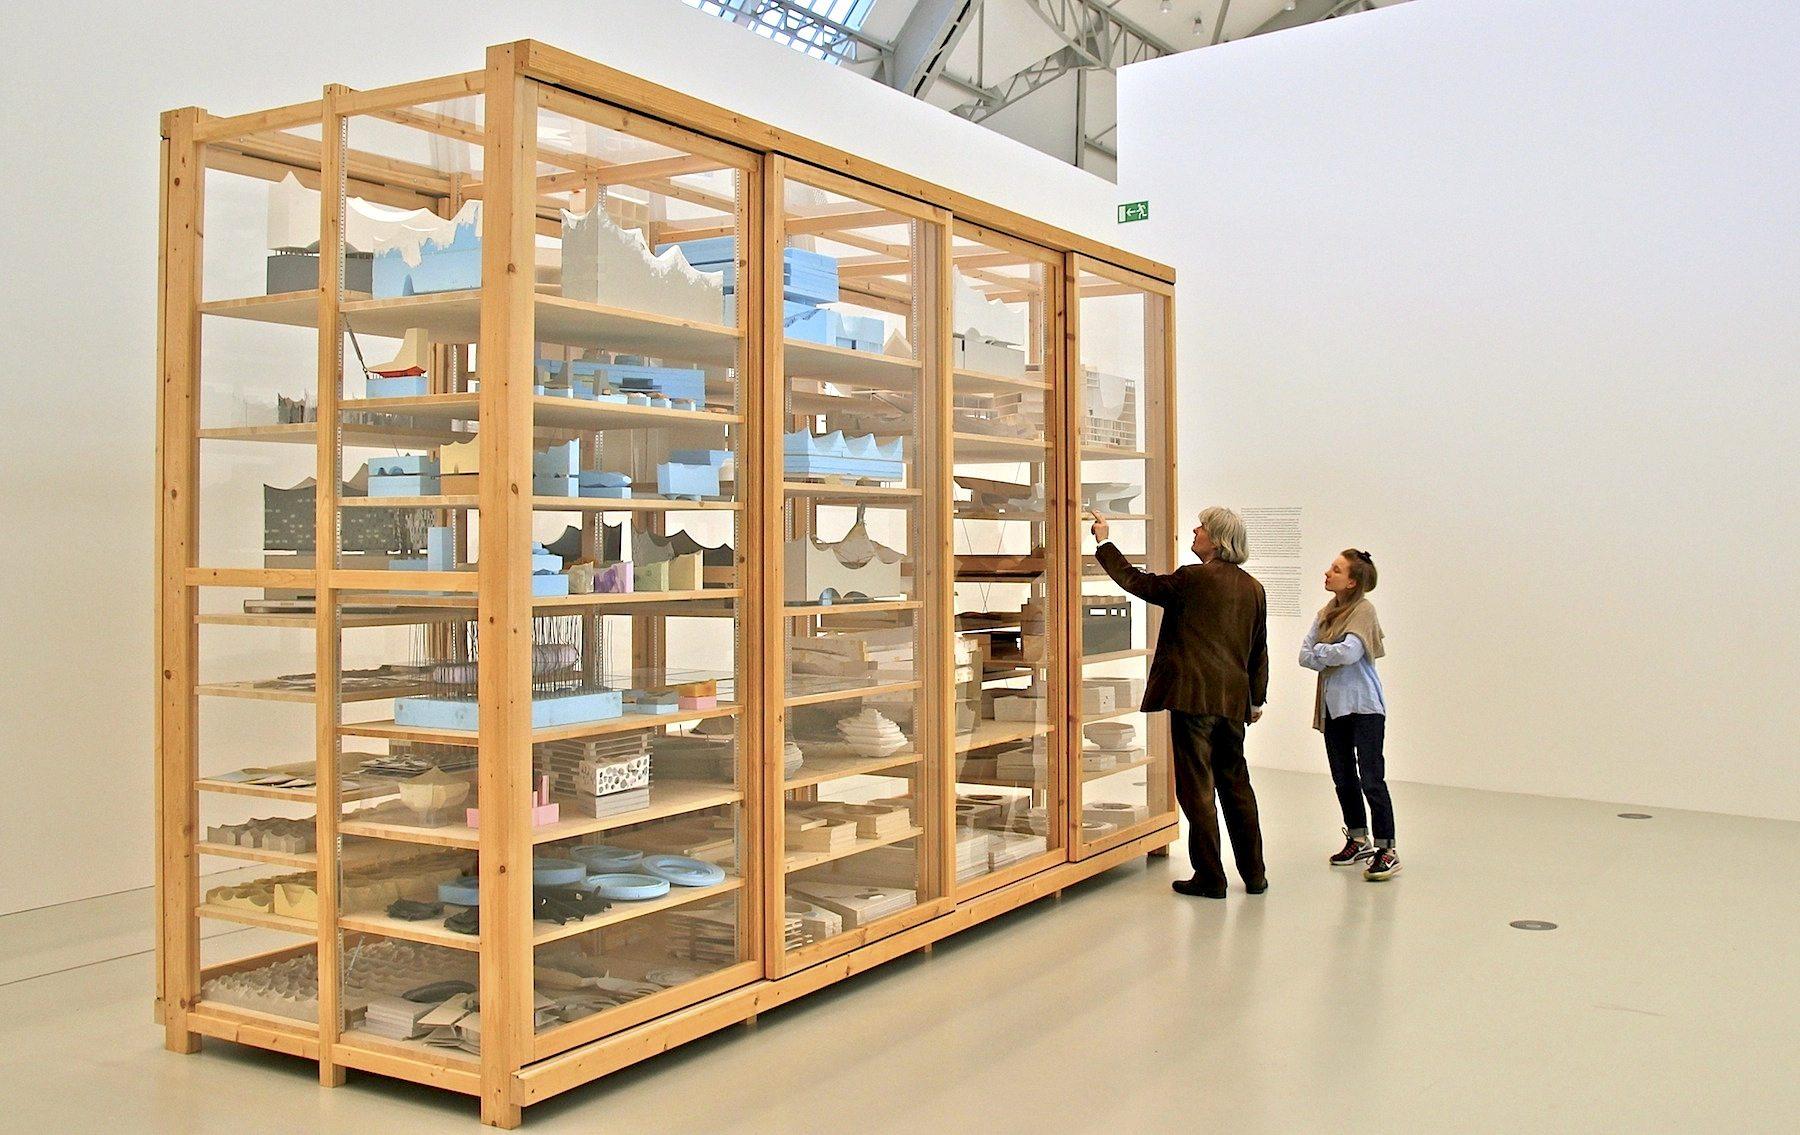 Elbphilharmonie revisited. Anlässlich der Eröffnung der Elbphilharmonie zeigen die Deichtorhallen Hamburg eine Ausstellung, die noch bis zum 1. Mai 2017 in der Halle für aktuelle Kunst der Deichtorhallen zu sehen sein wird.